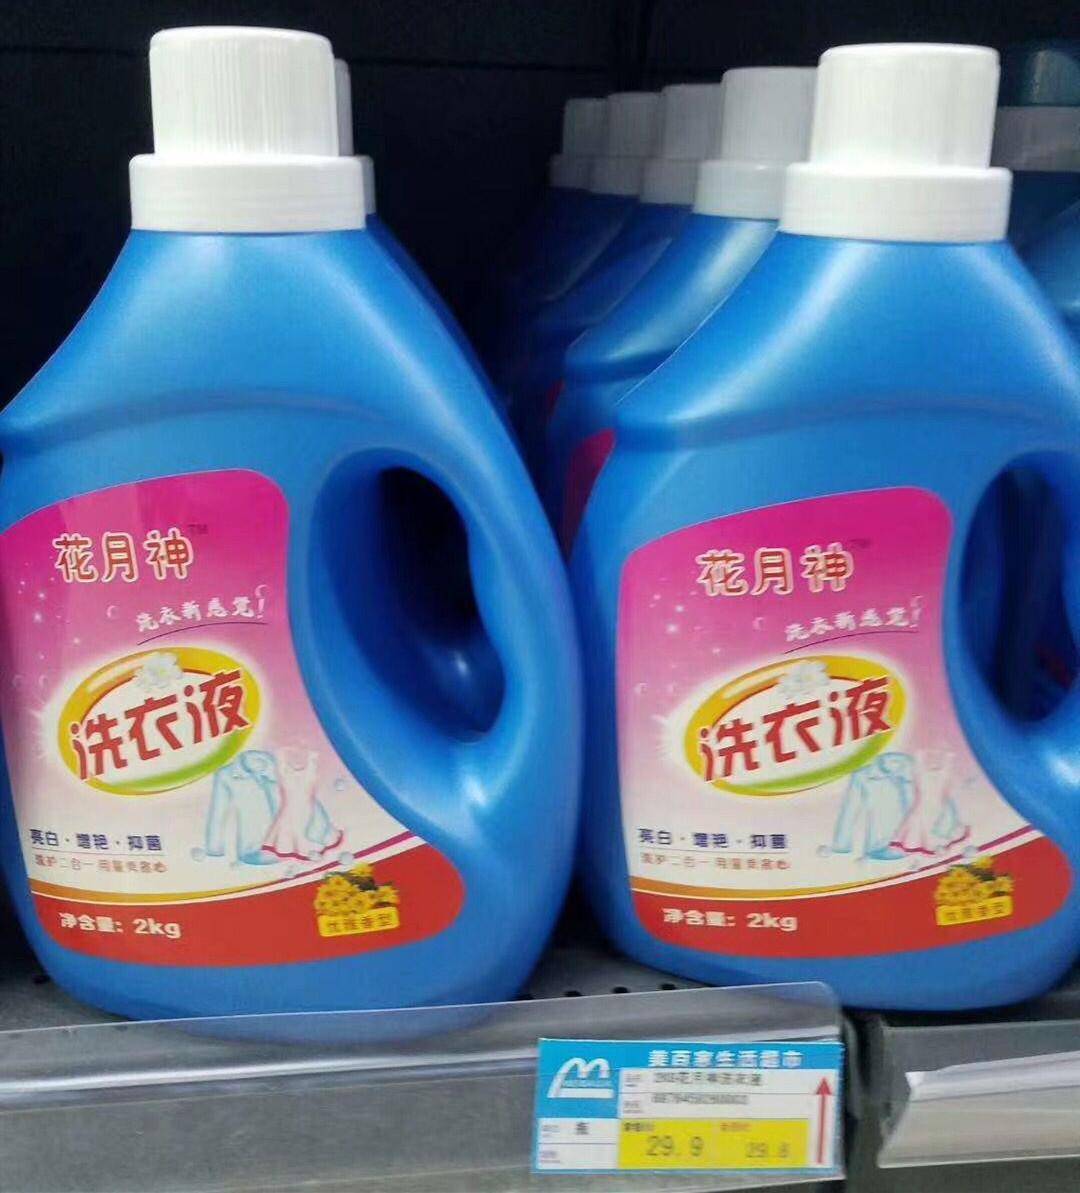 想要套取洗衣液配方技术的不要在想了!